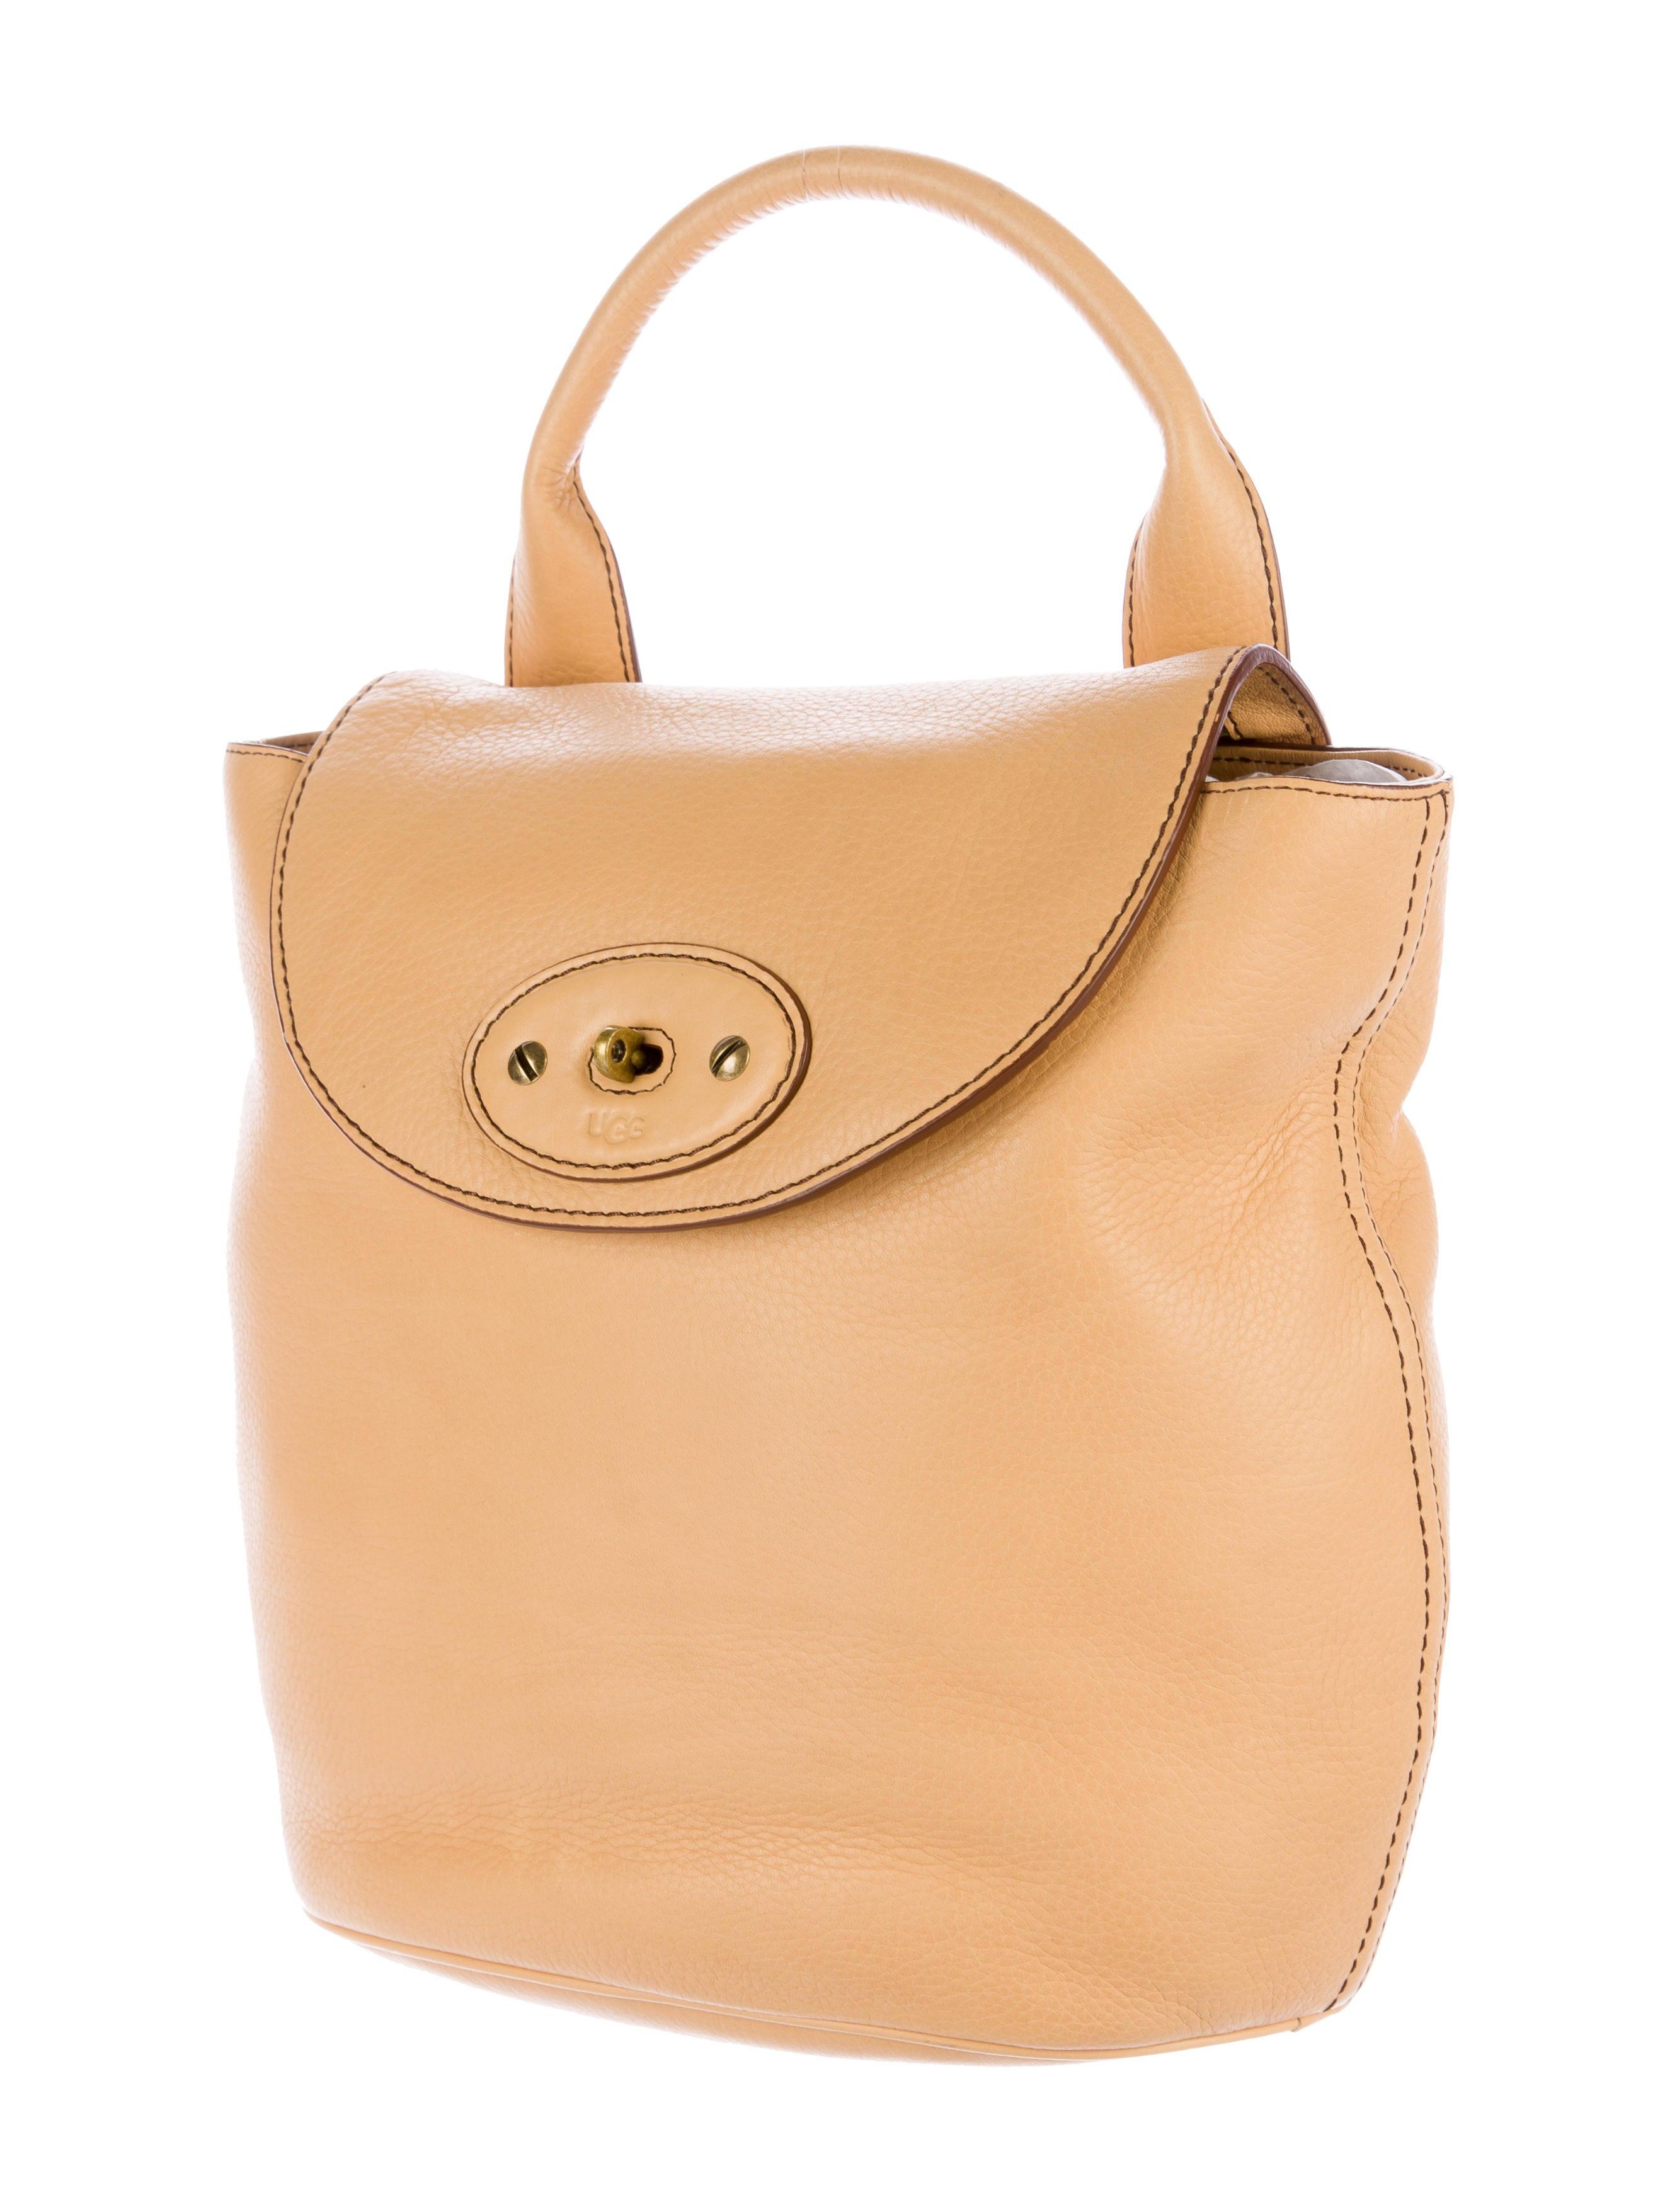 ugg crossbody handbags